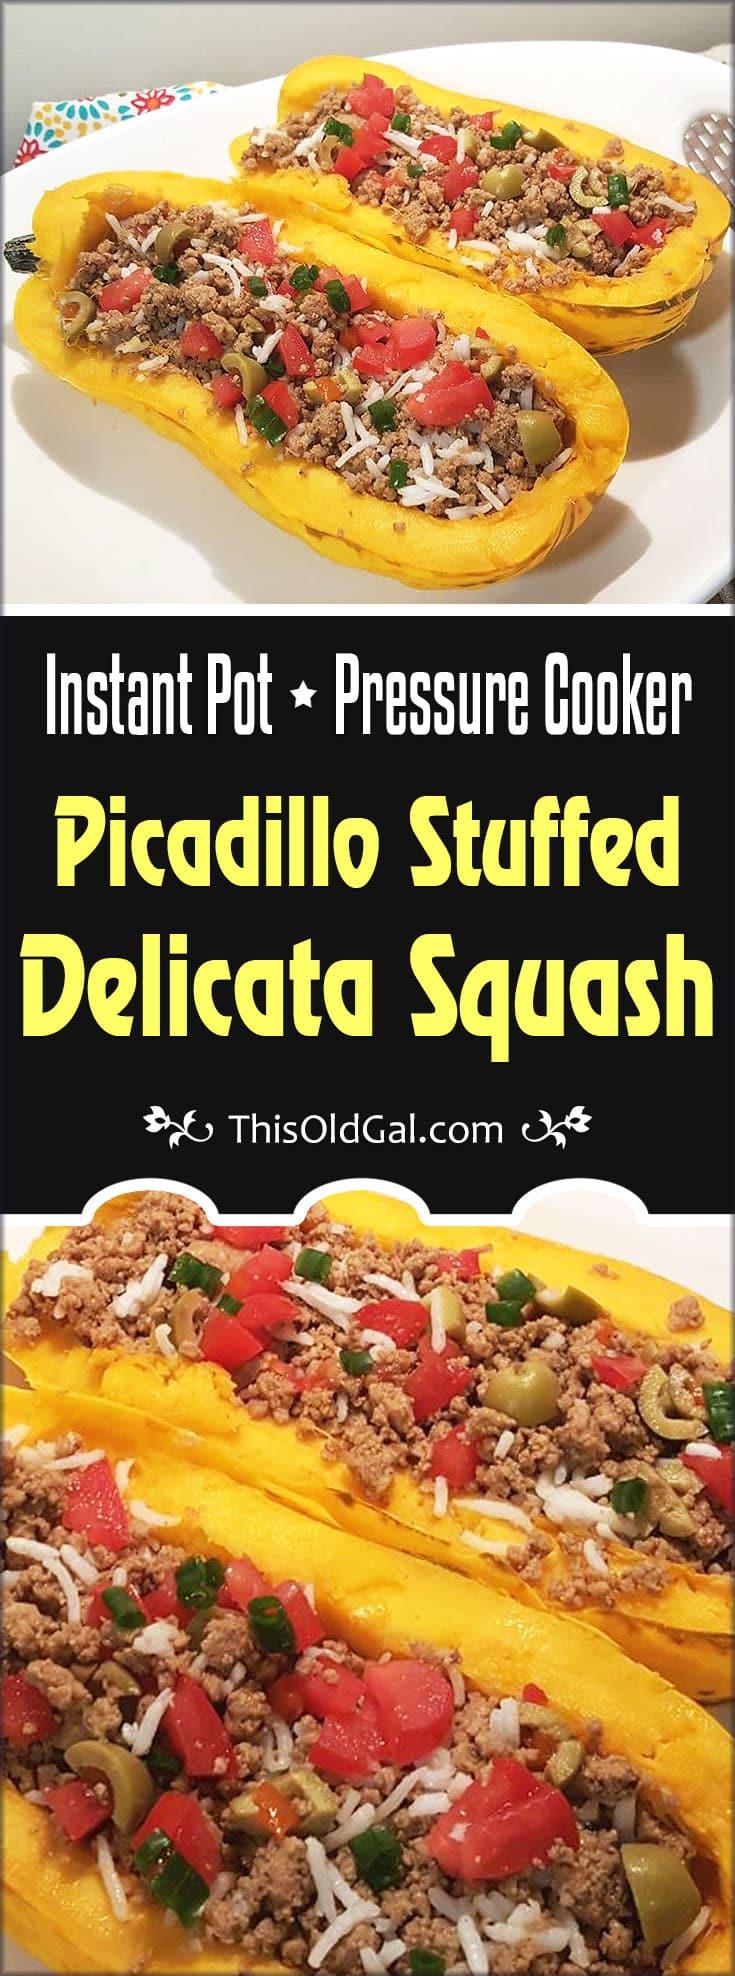 Pressure Cooker Picadillo Stuffed Delicata Squash